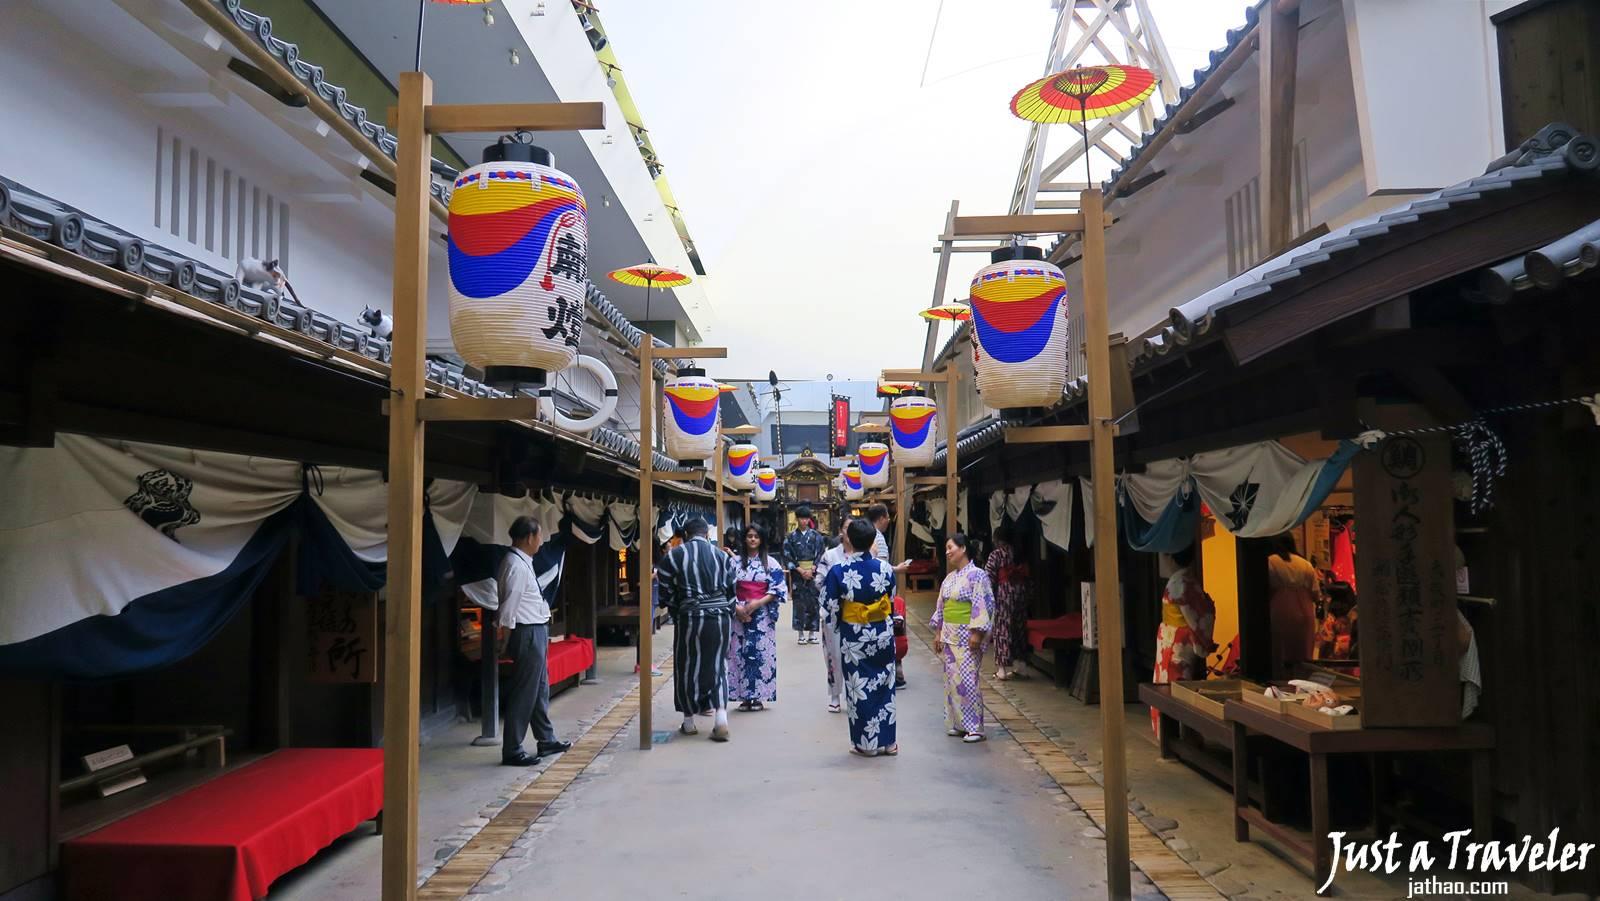 大阪-大阪景點-推薦-大阪生活今昔館-Osaka-Museum-Housing-Living-自由行-大阪必遊景點-大阪必去景點-大阪旅遊景點-大阪觀光景點-大阪行程-一日遊-二日遊-日本-tourist-attraction-travel